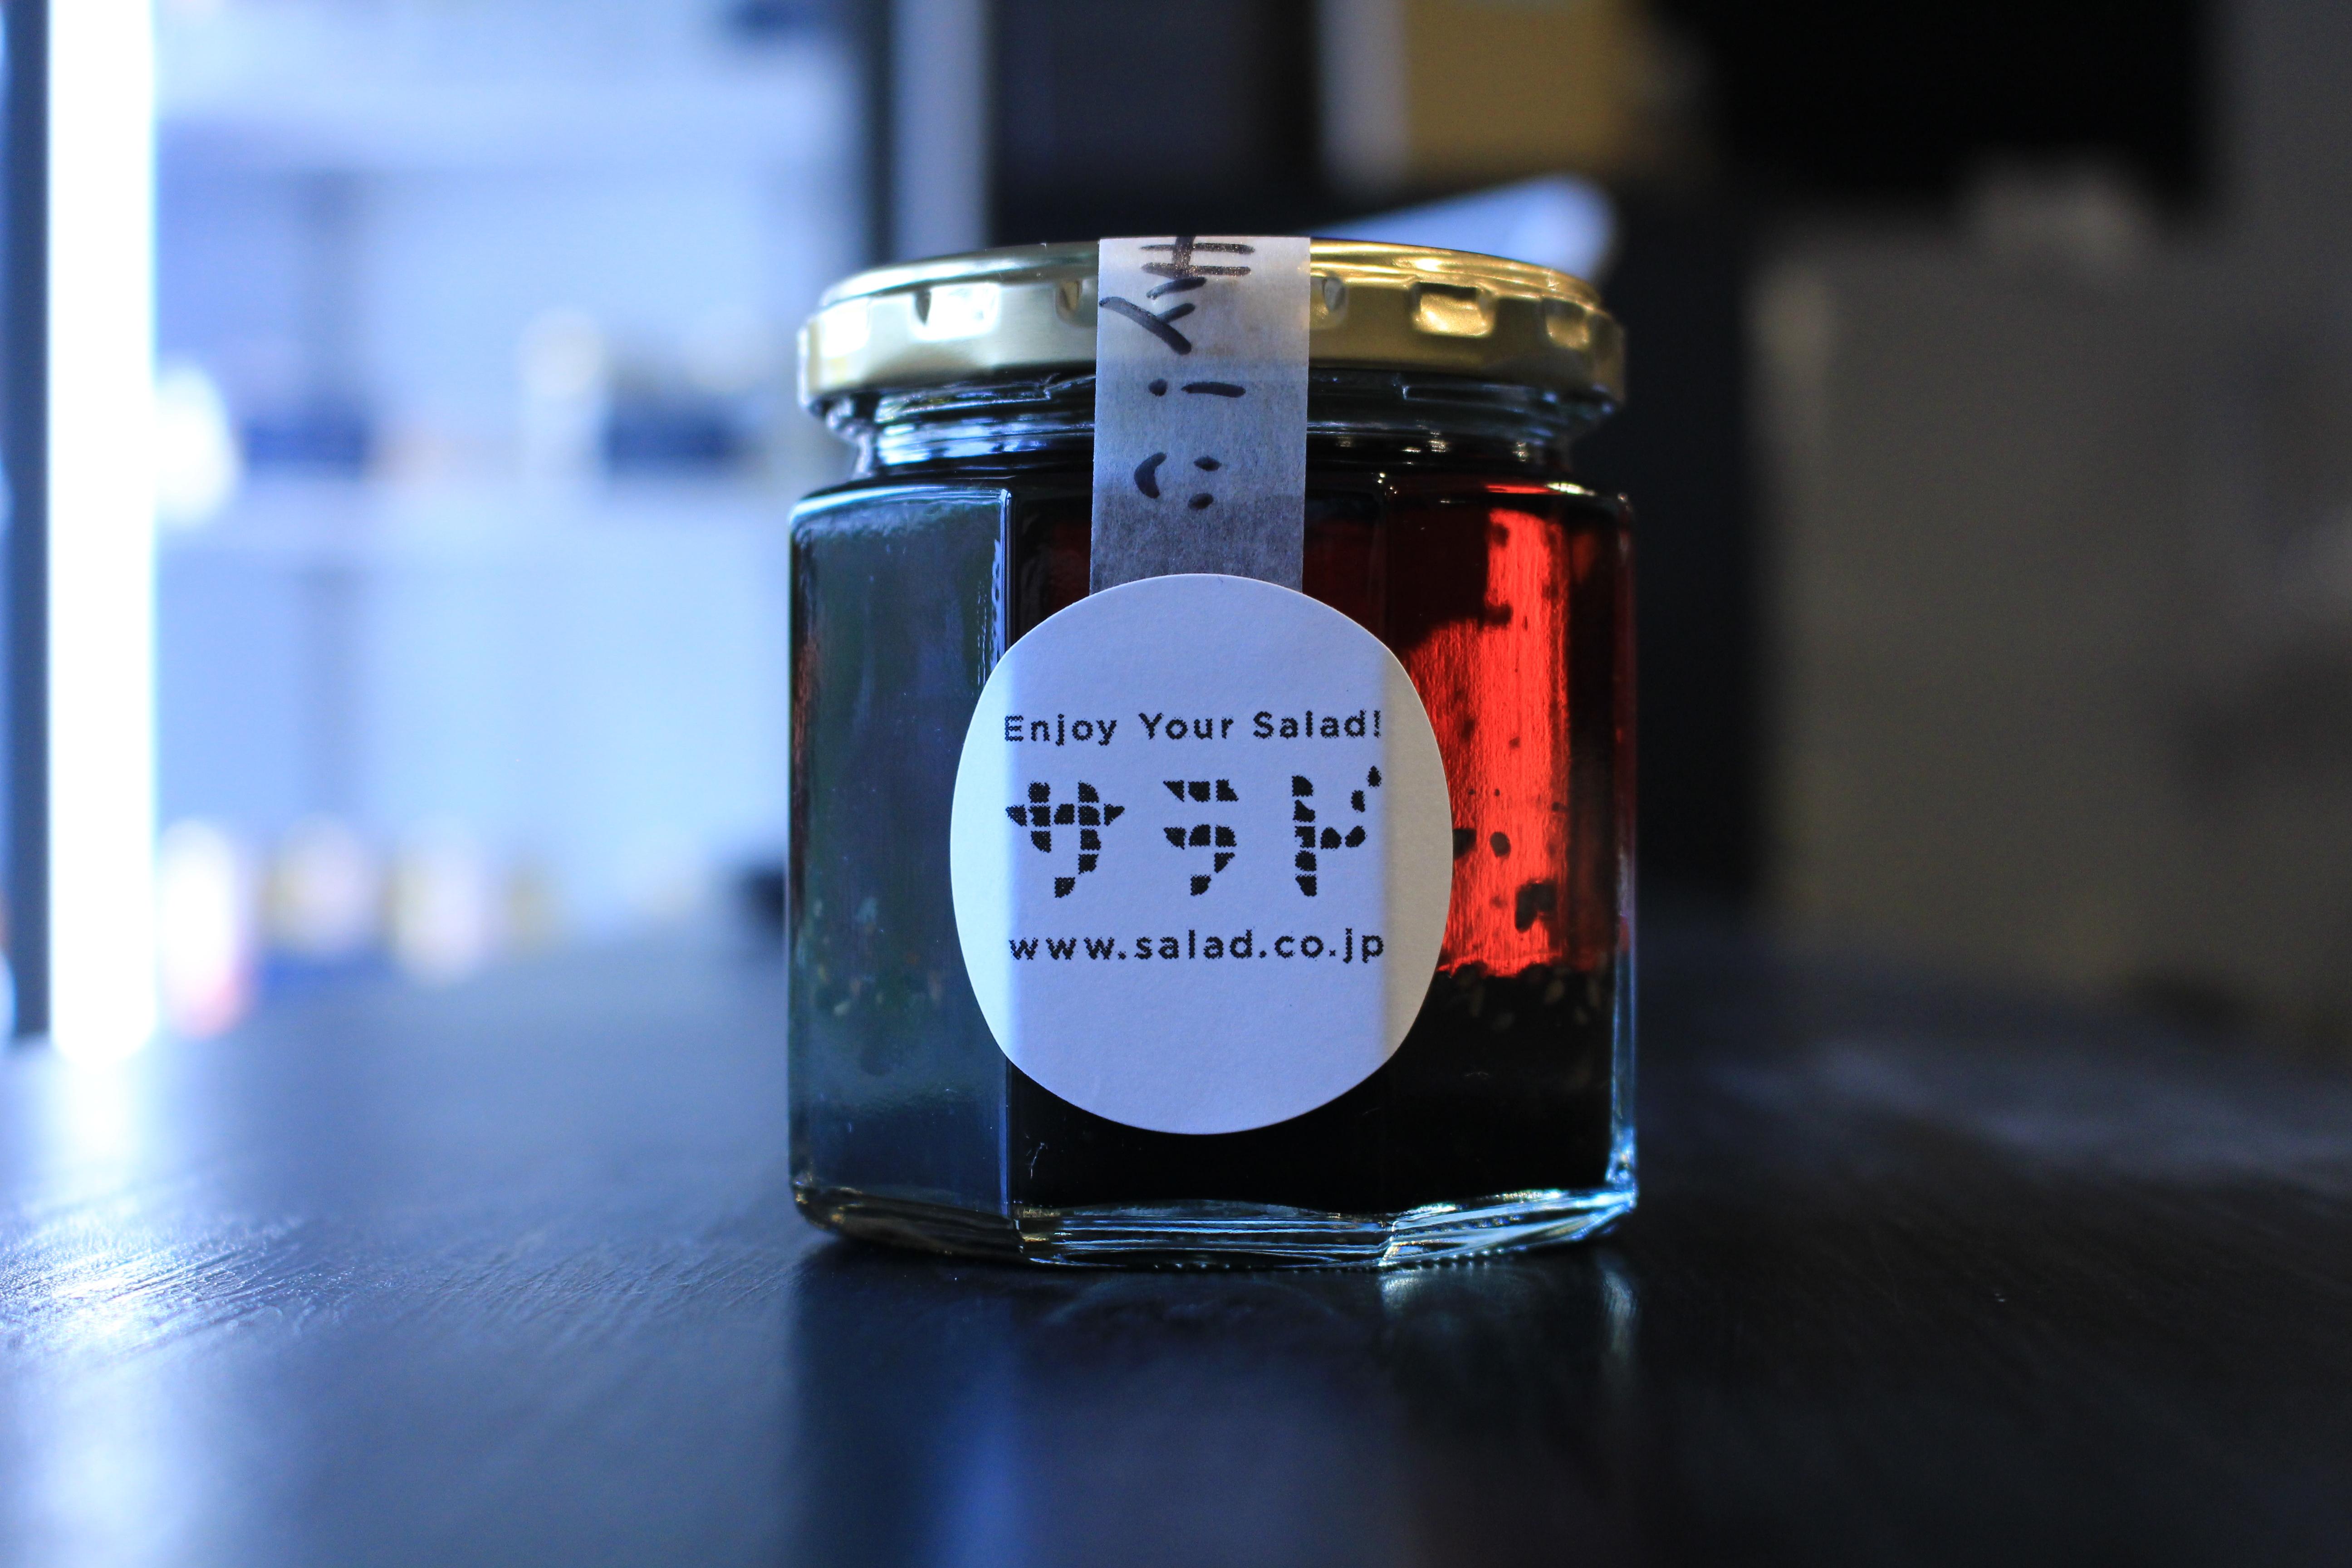 濃厚なごま油と玄米酢の絶品ドレッシング